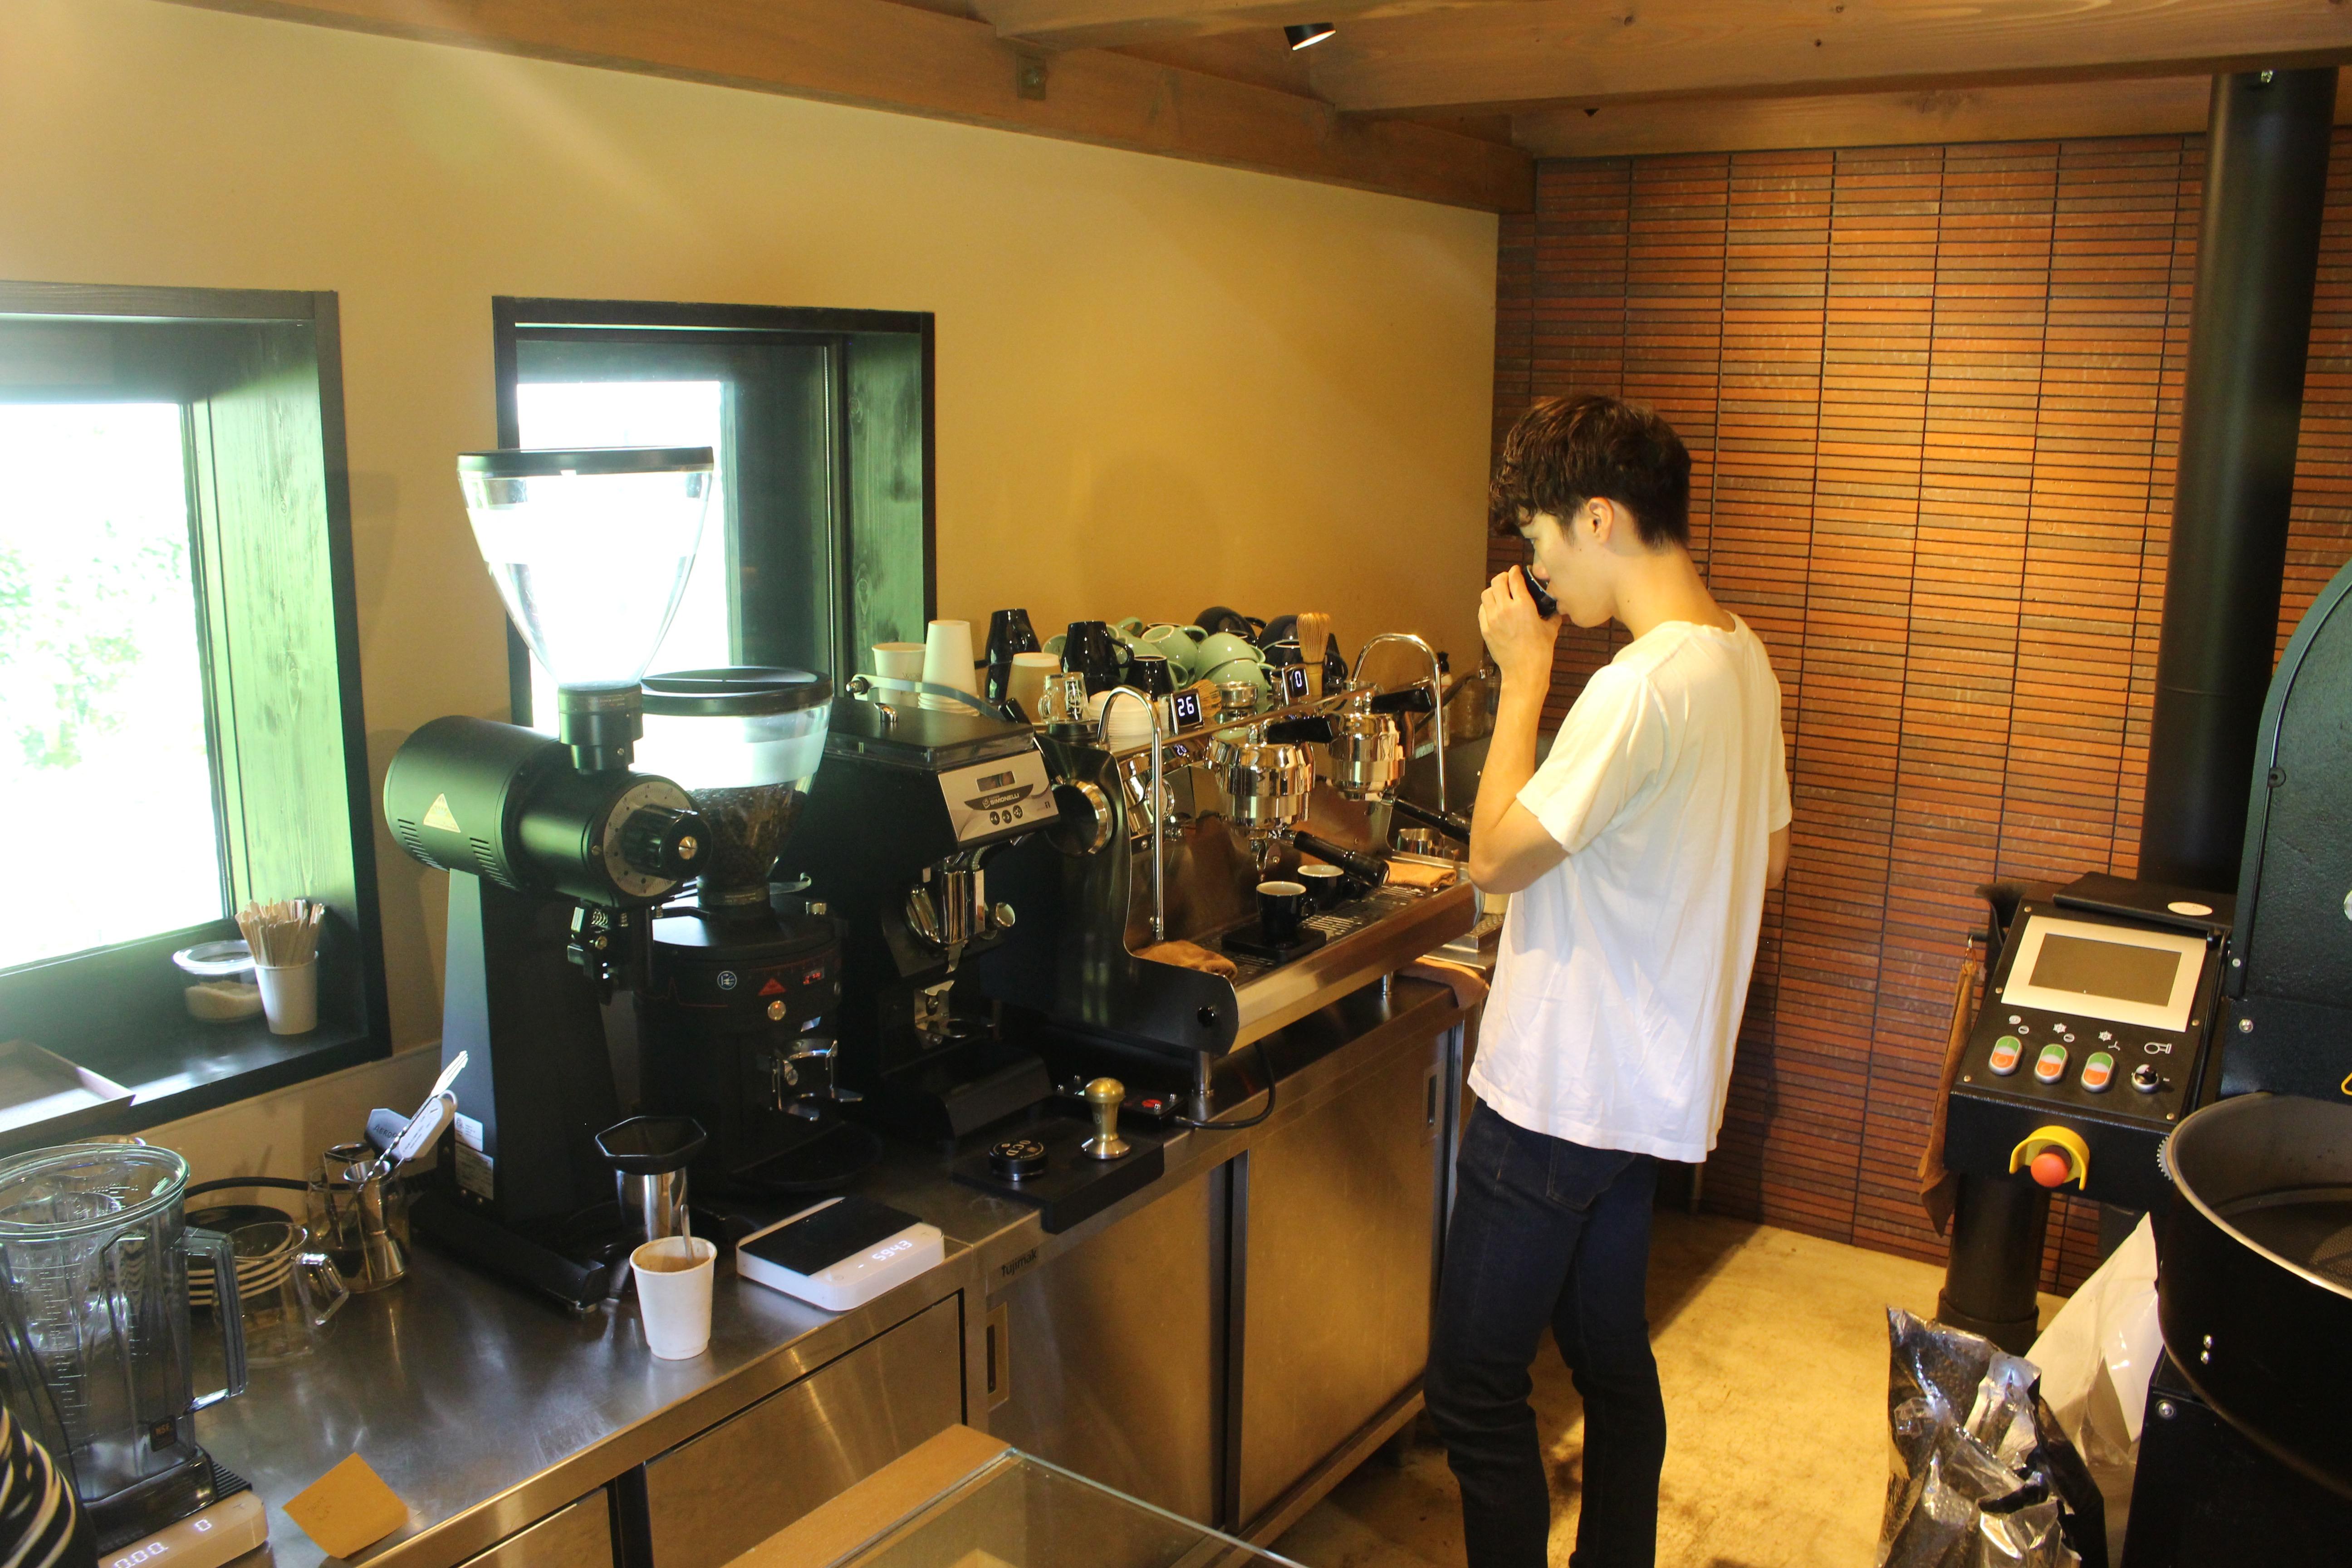 細沼瑠偉(るい)の現在は?ワークベンチコーヒーカフェオーナーにインタビューしてみた。